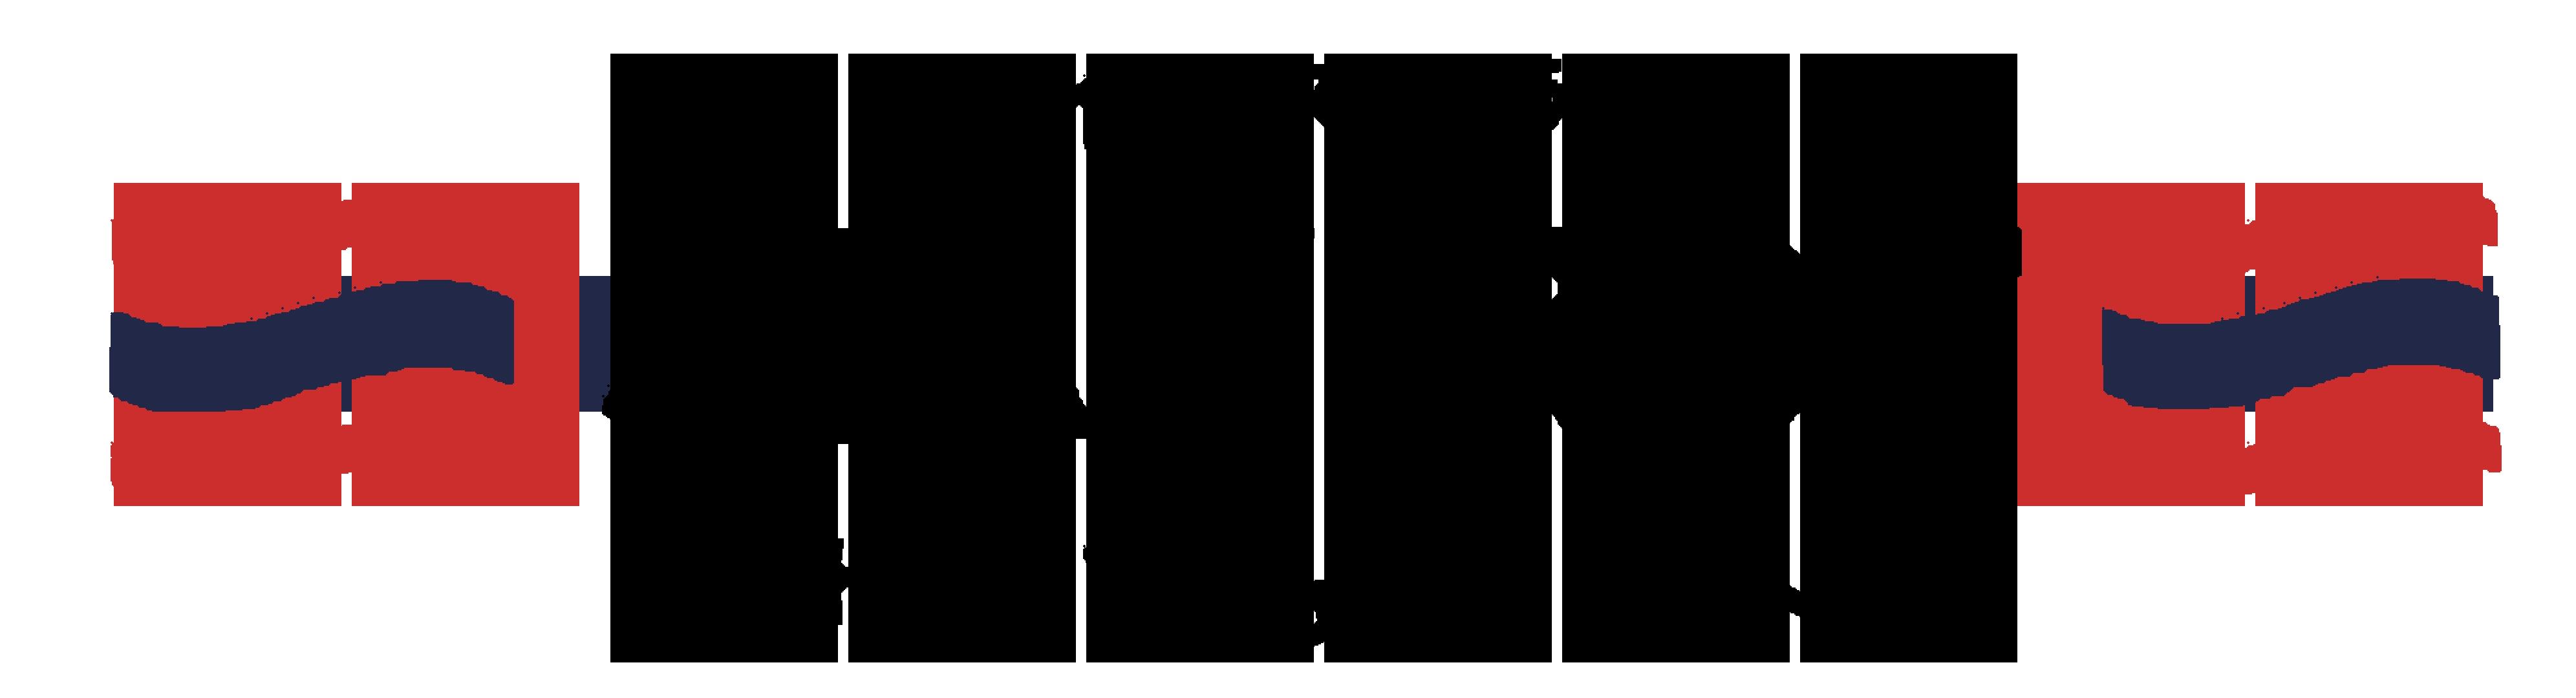 サイアムロット